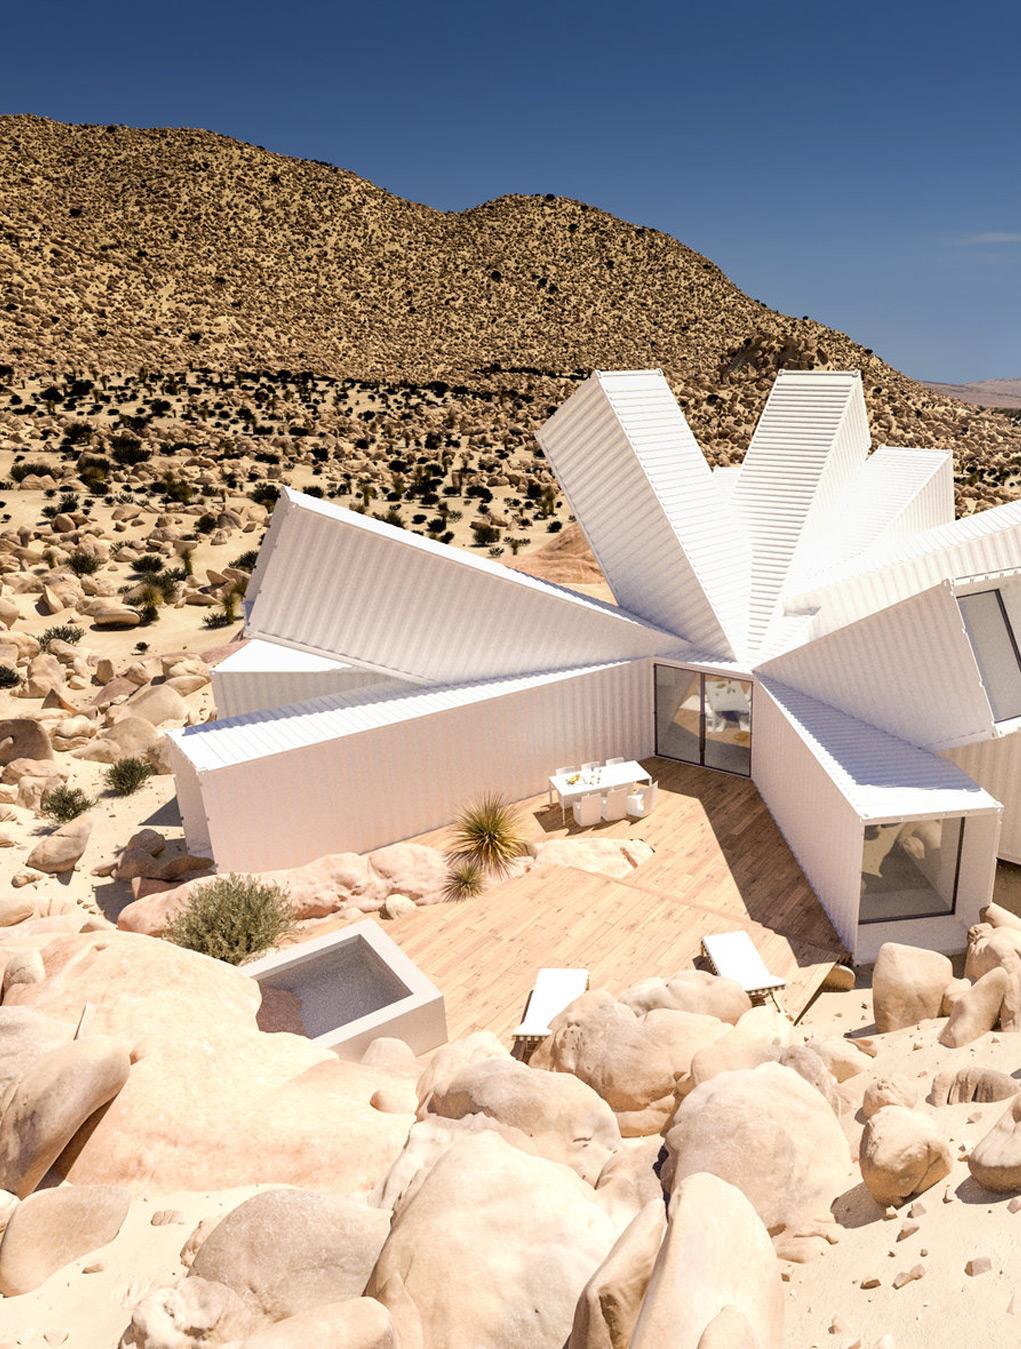 Архитектурный проект дома будущего